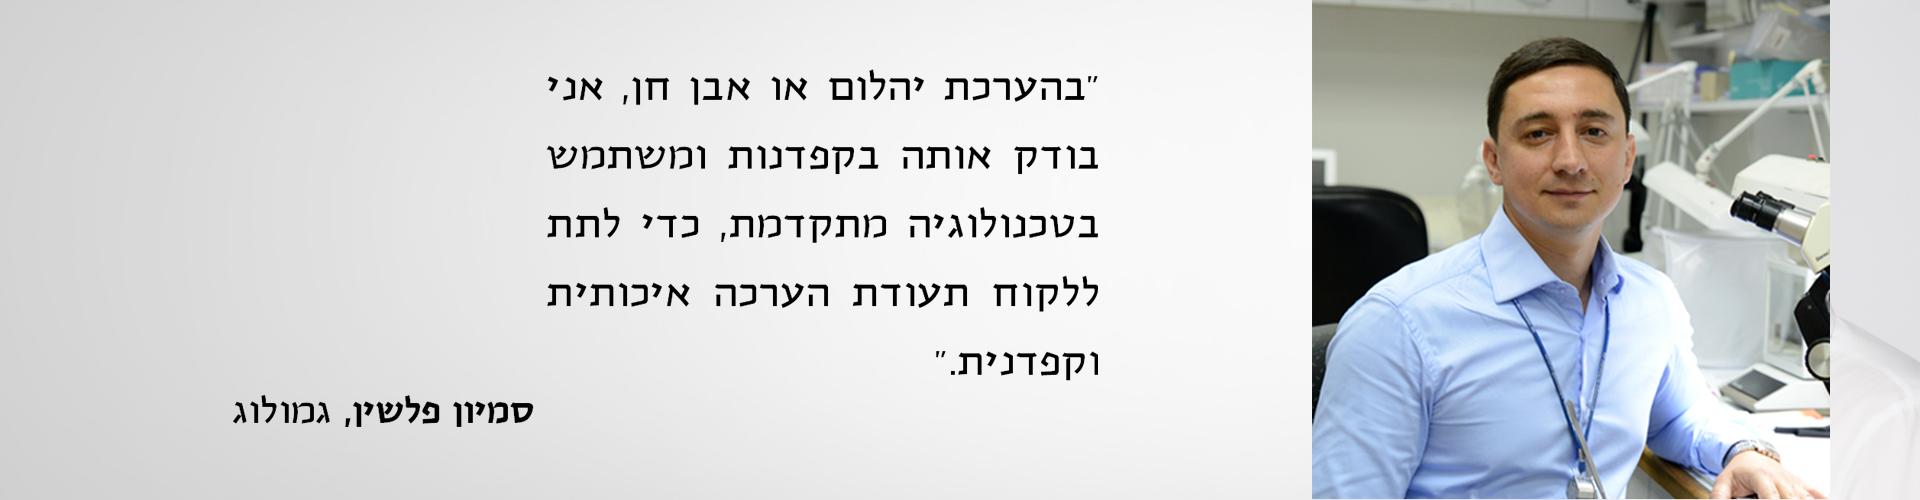 Semyon